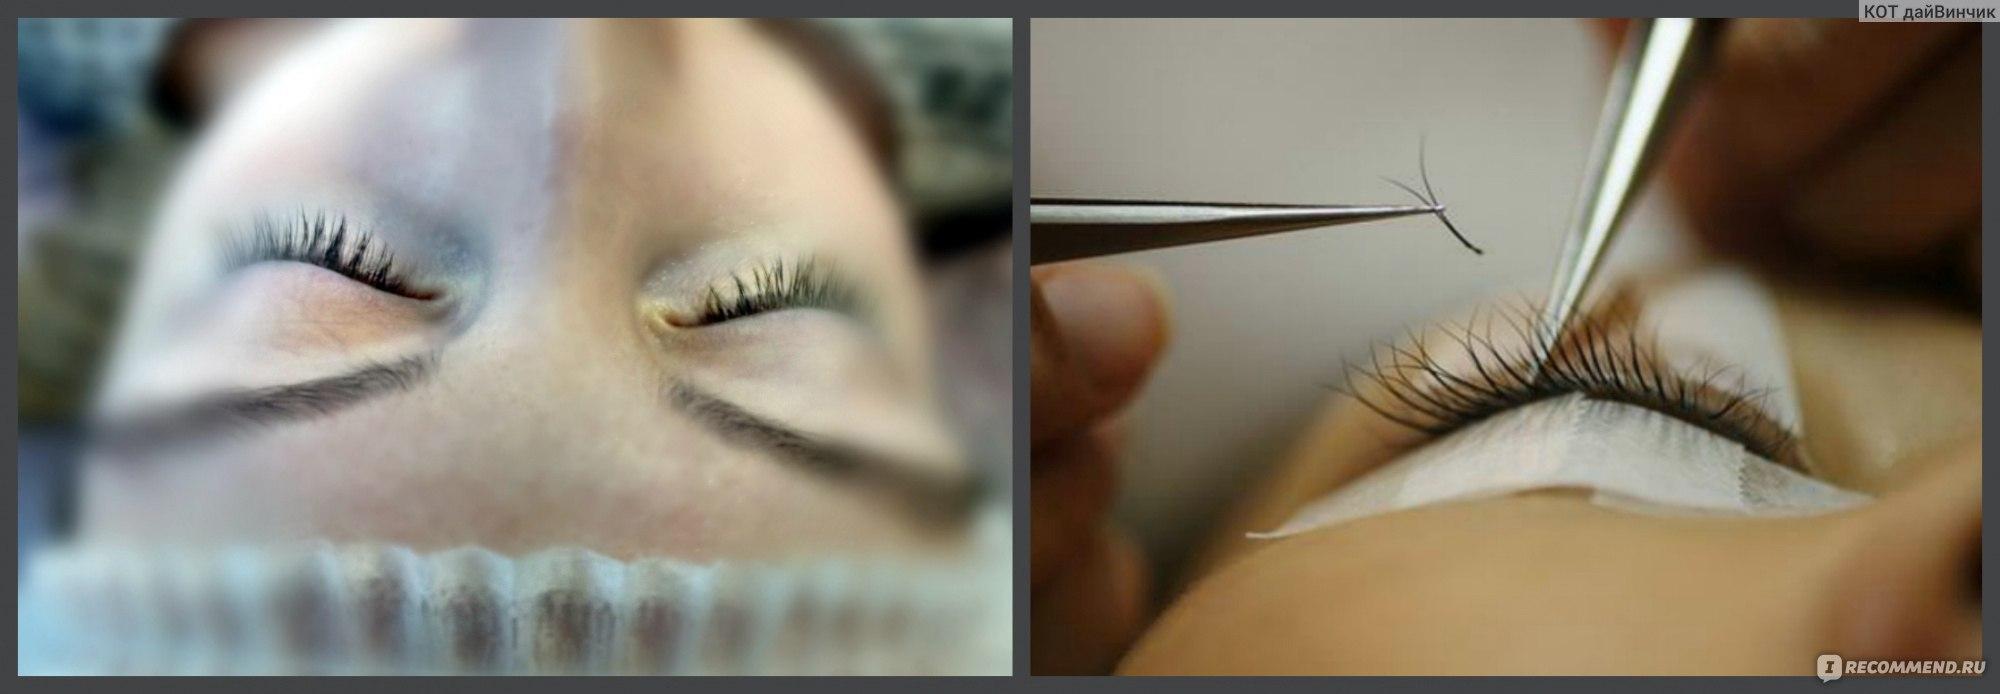 Прайсы на наращивание ресниц фото